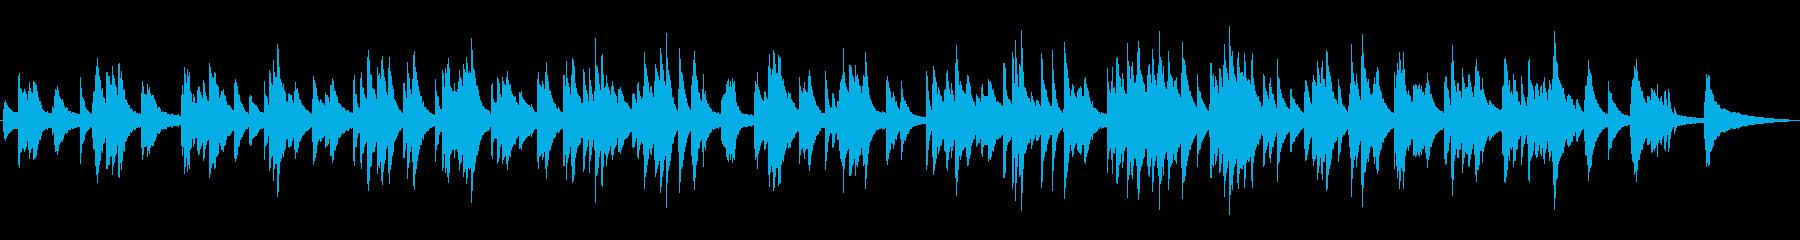 ゆったりとしたジャズ風ラウンジピアノソロの再生済みの波形